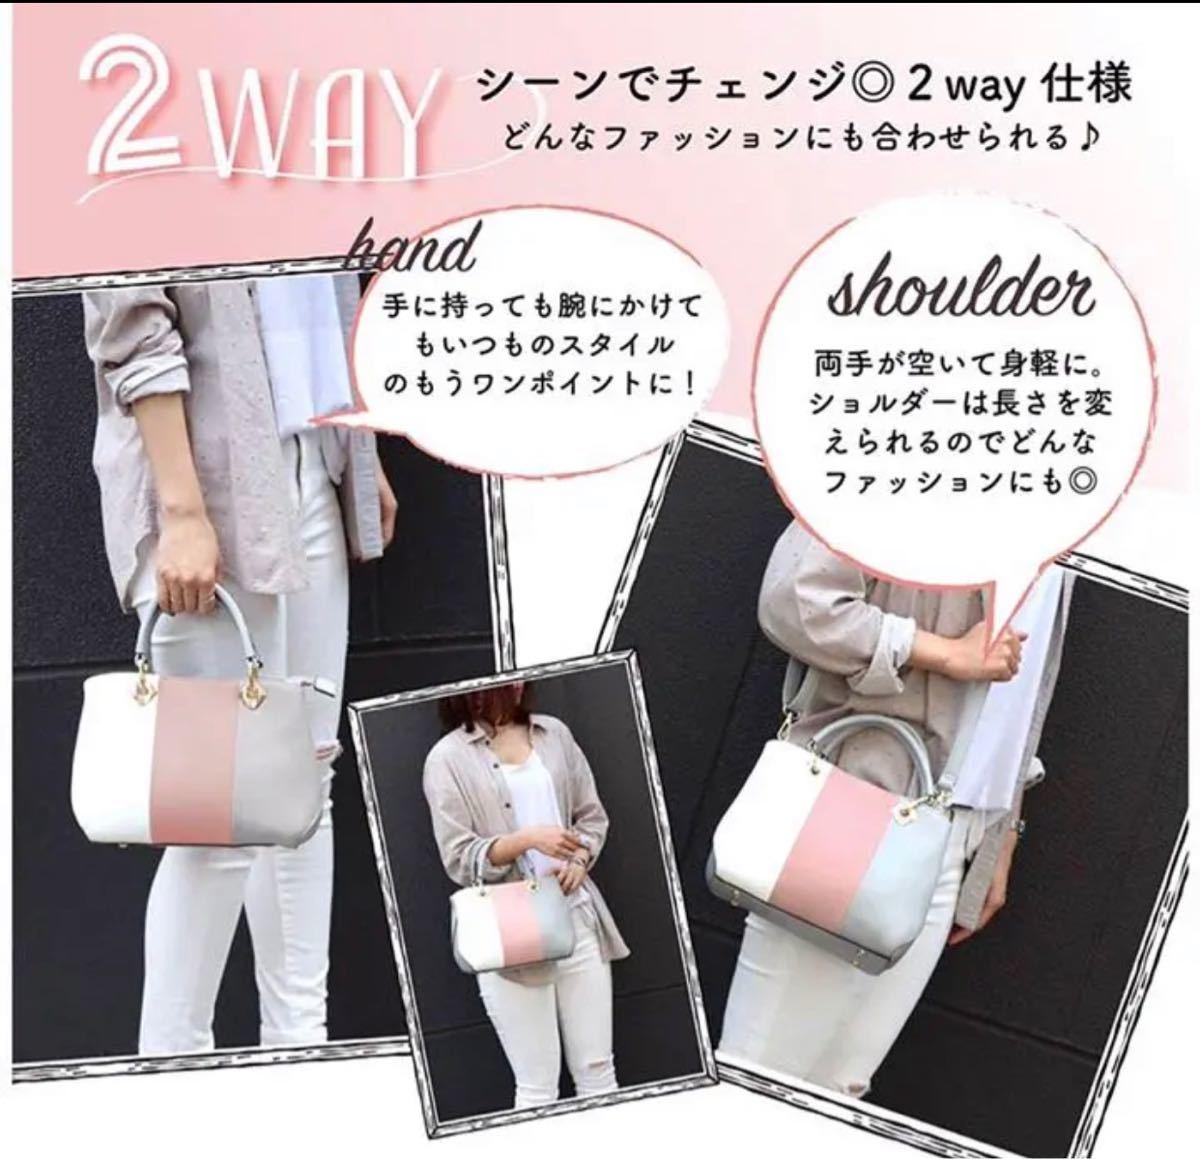 ハンドバッグ レディース ショルダーバッグ 軽量【ハンドルスカーフ付き】